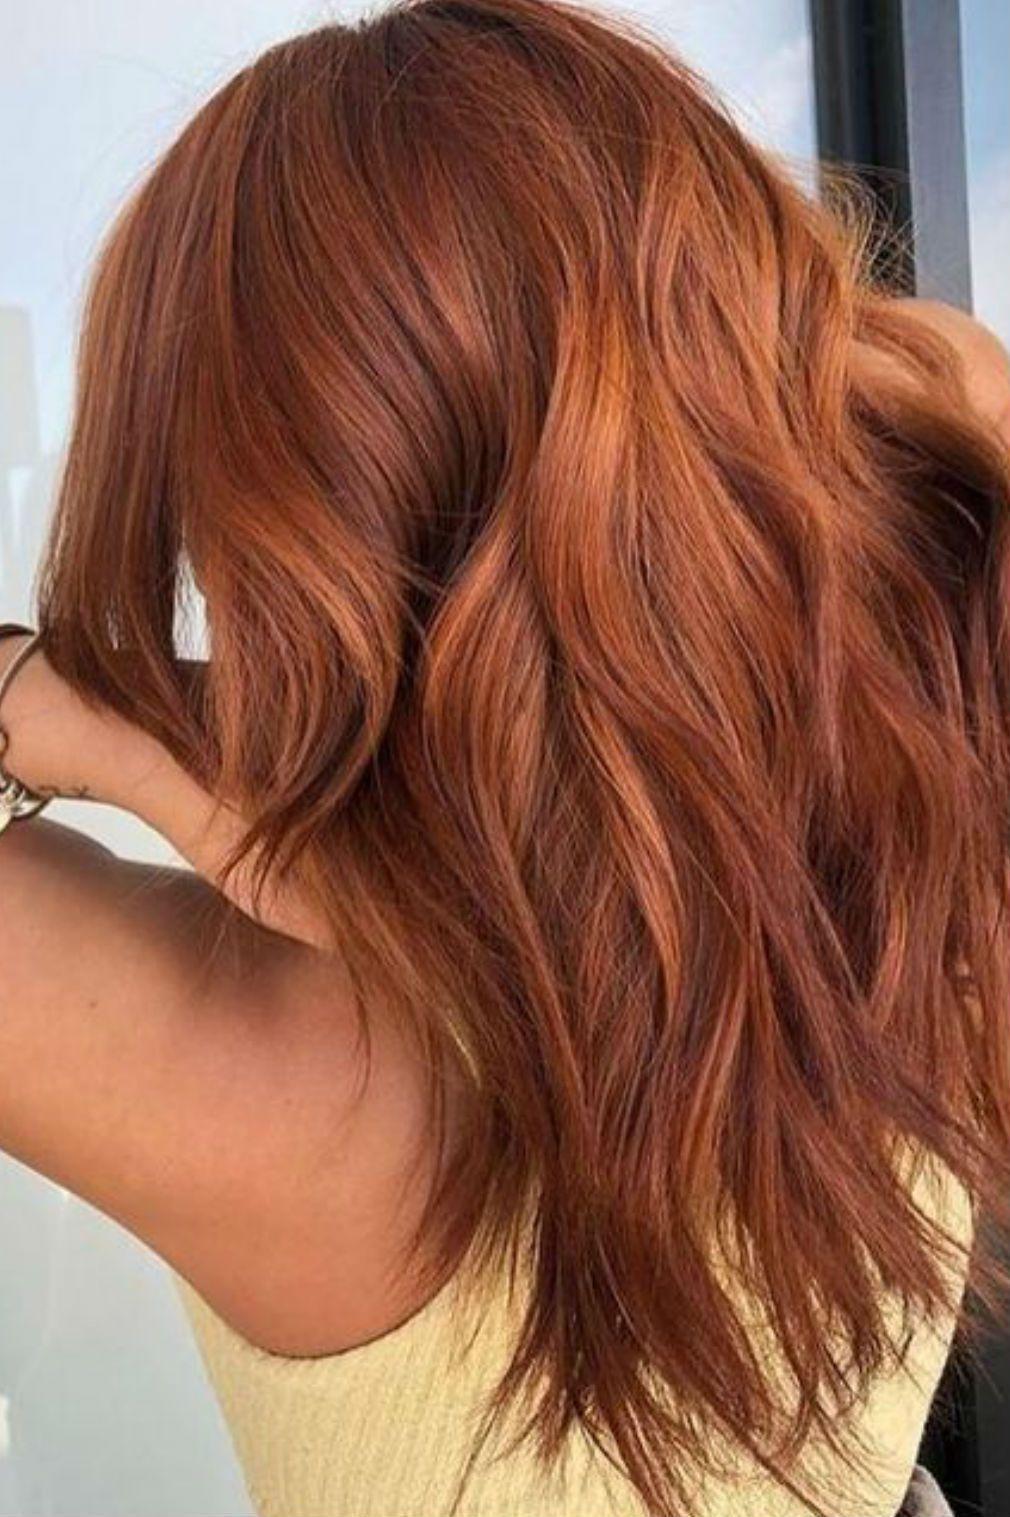 Les tendances coiffure à adopter en 2021